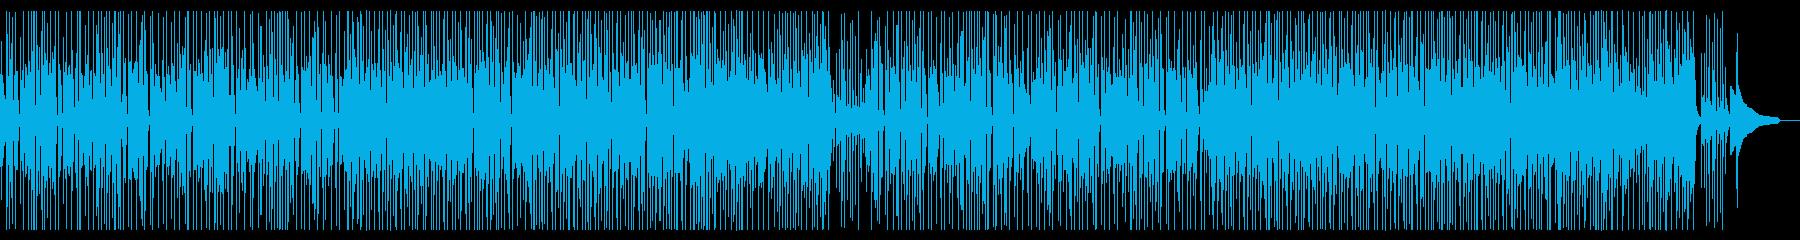 明るいミディアムテンポの三味線曲の再生済みの波形